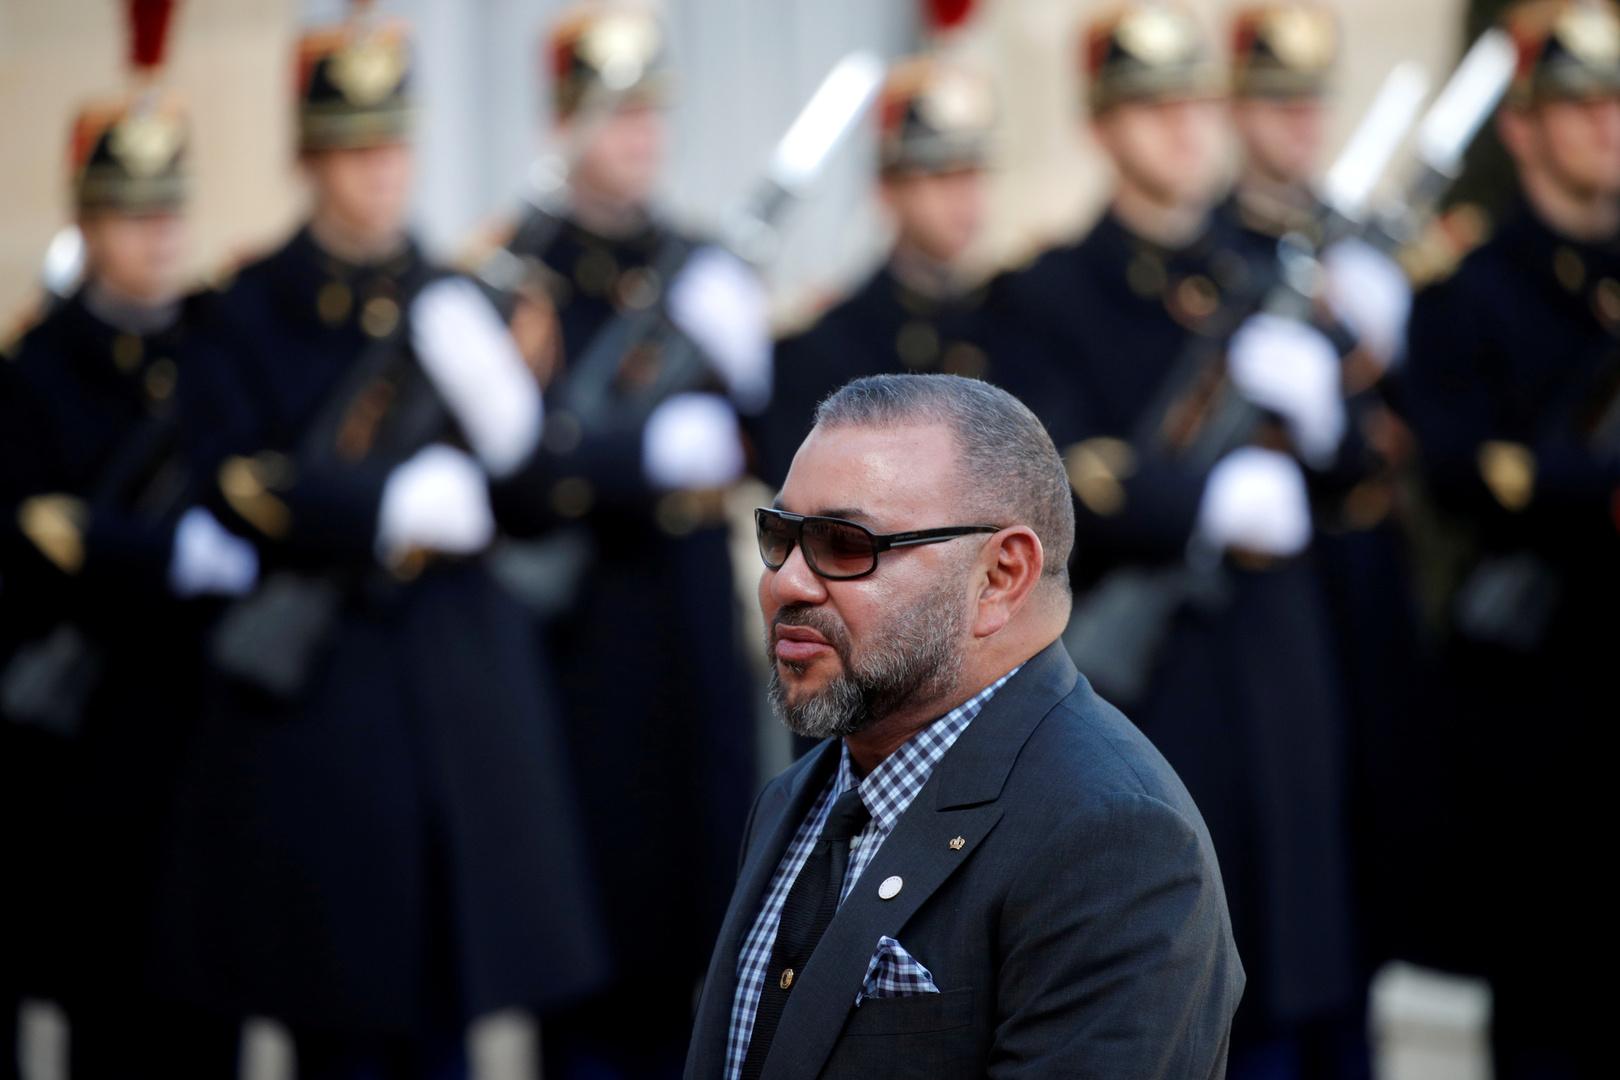 ترامب يقلد العاهل المغربي وساما أمريكيا رفيعا